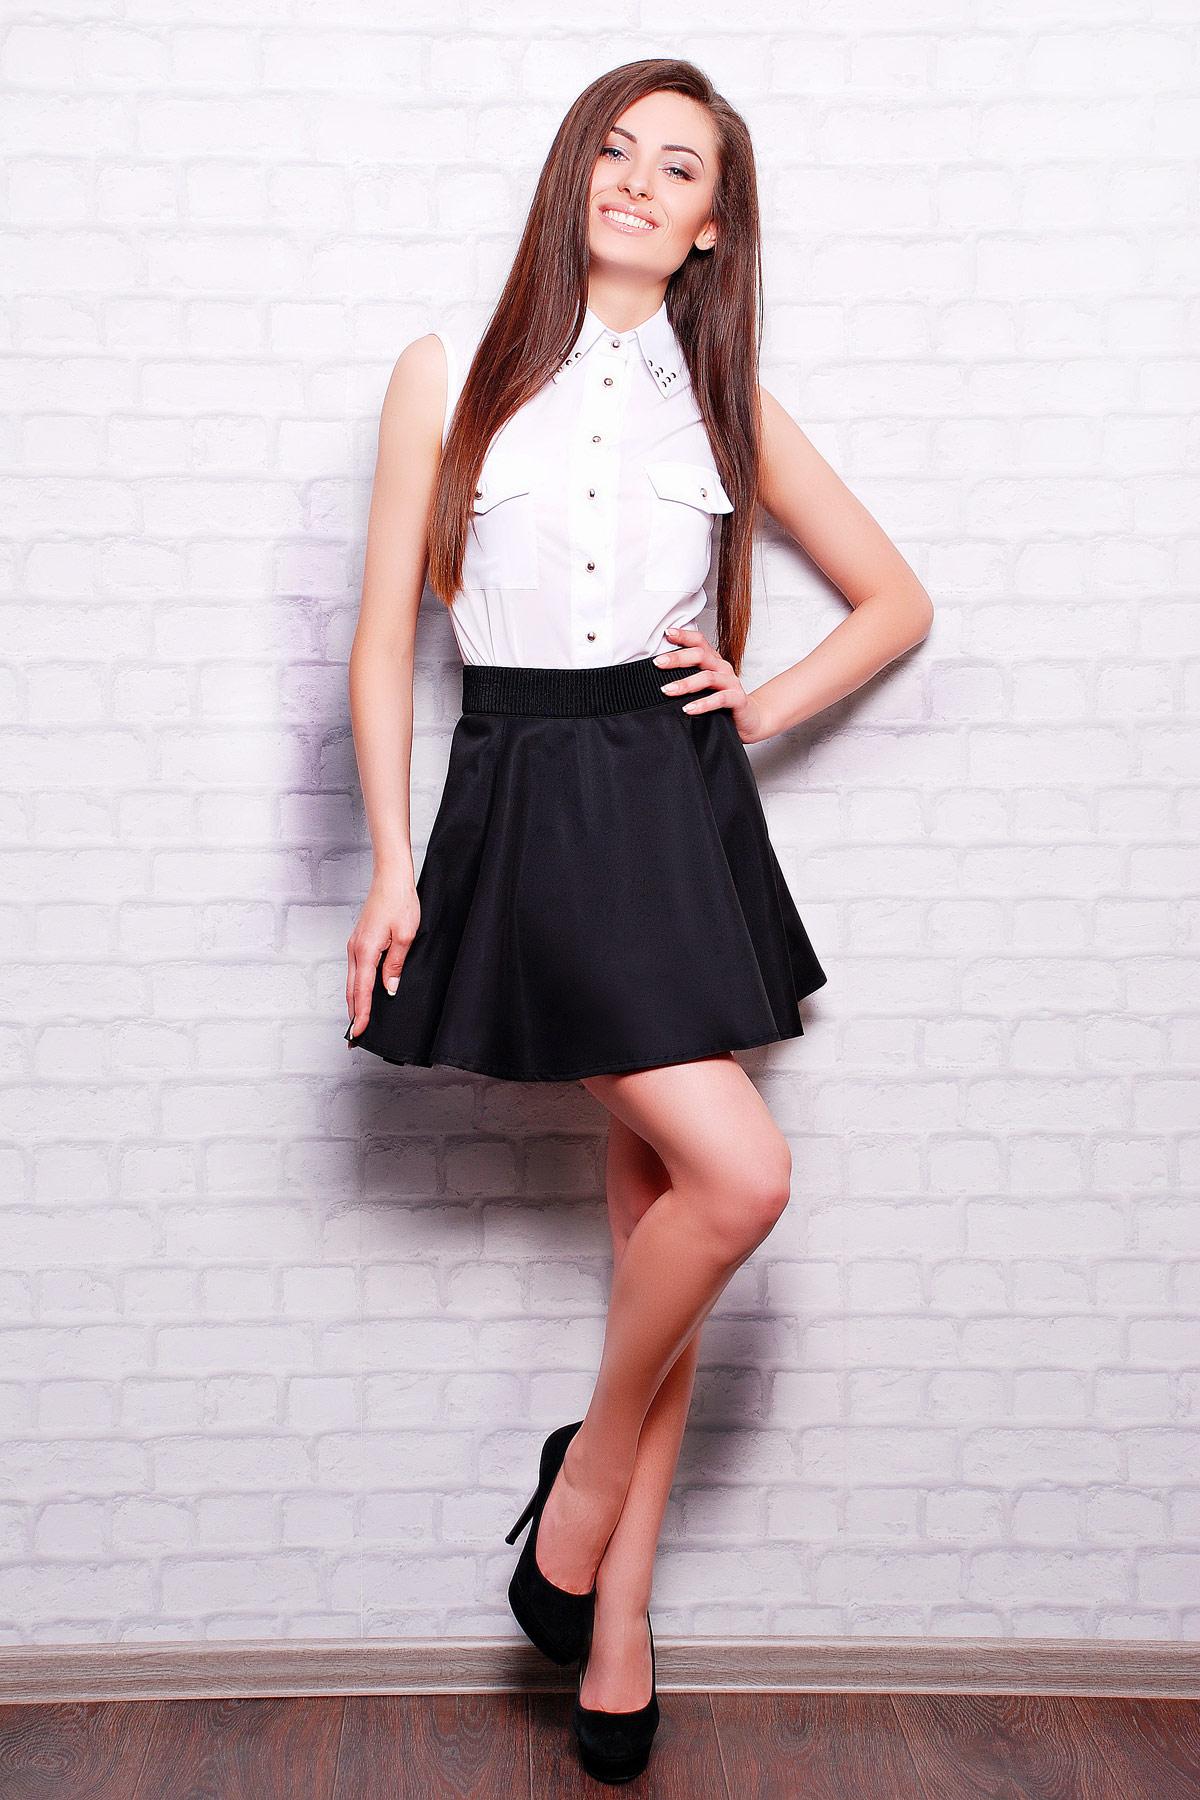 b29cda69254 Короткая расклешенная юбка темно-синего цвета. юбка Клин Мэмори. Цвет   черный